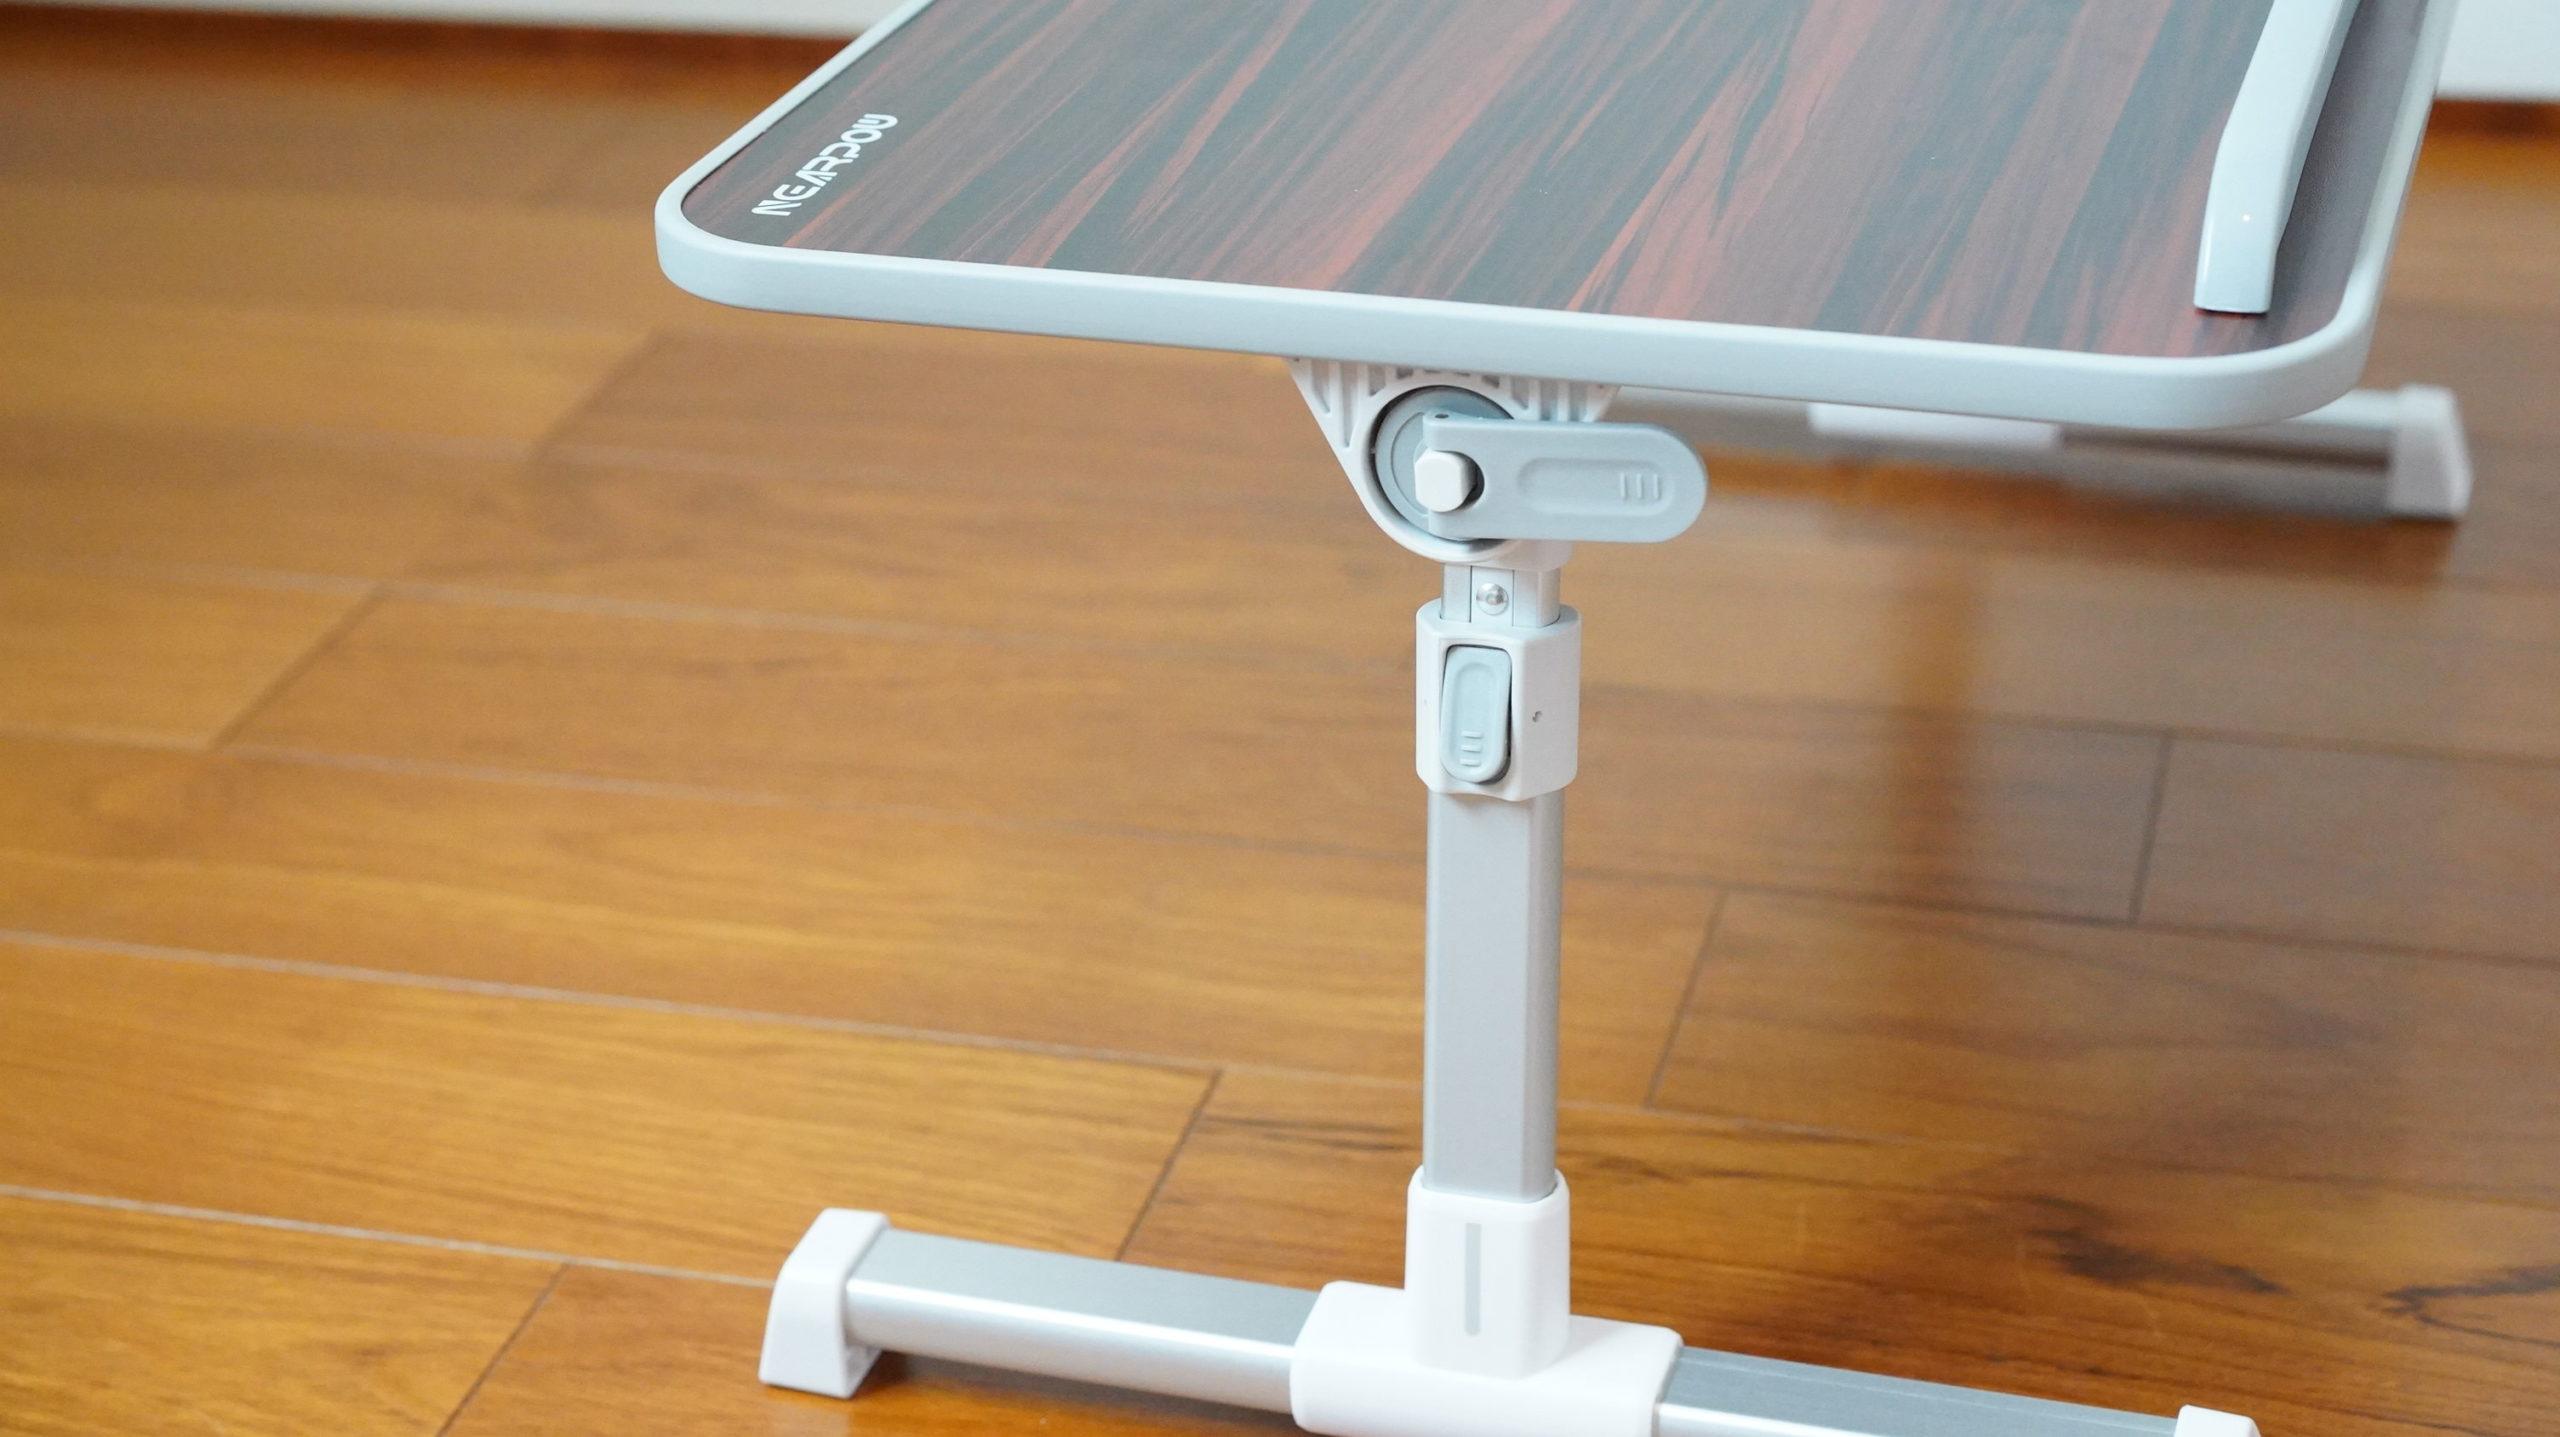 ソファやベッドでパソコン(ノートPC)の作業を姿勢良く行い、膝での作業をなくす最適なテーブル・スタンド11